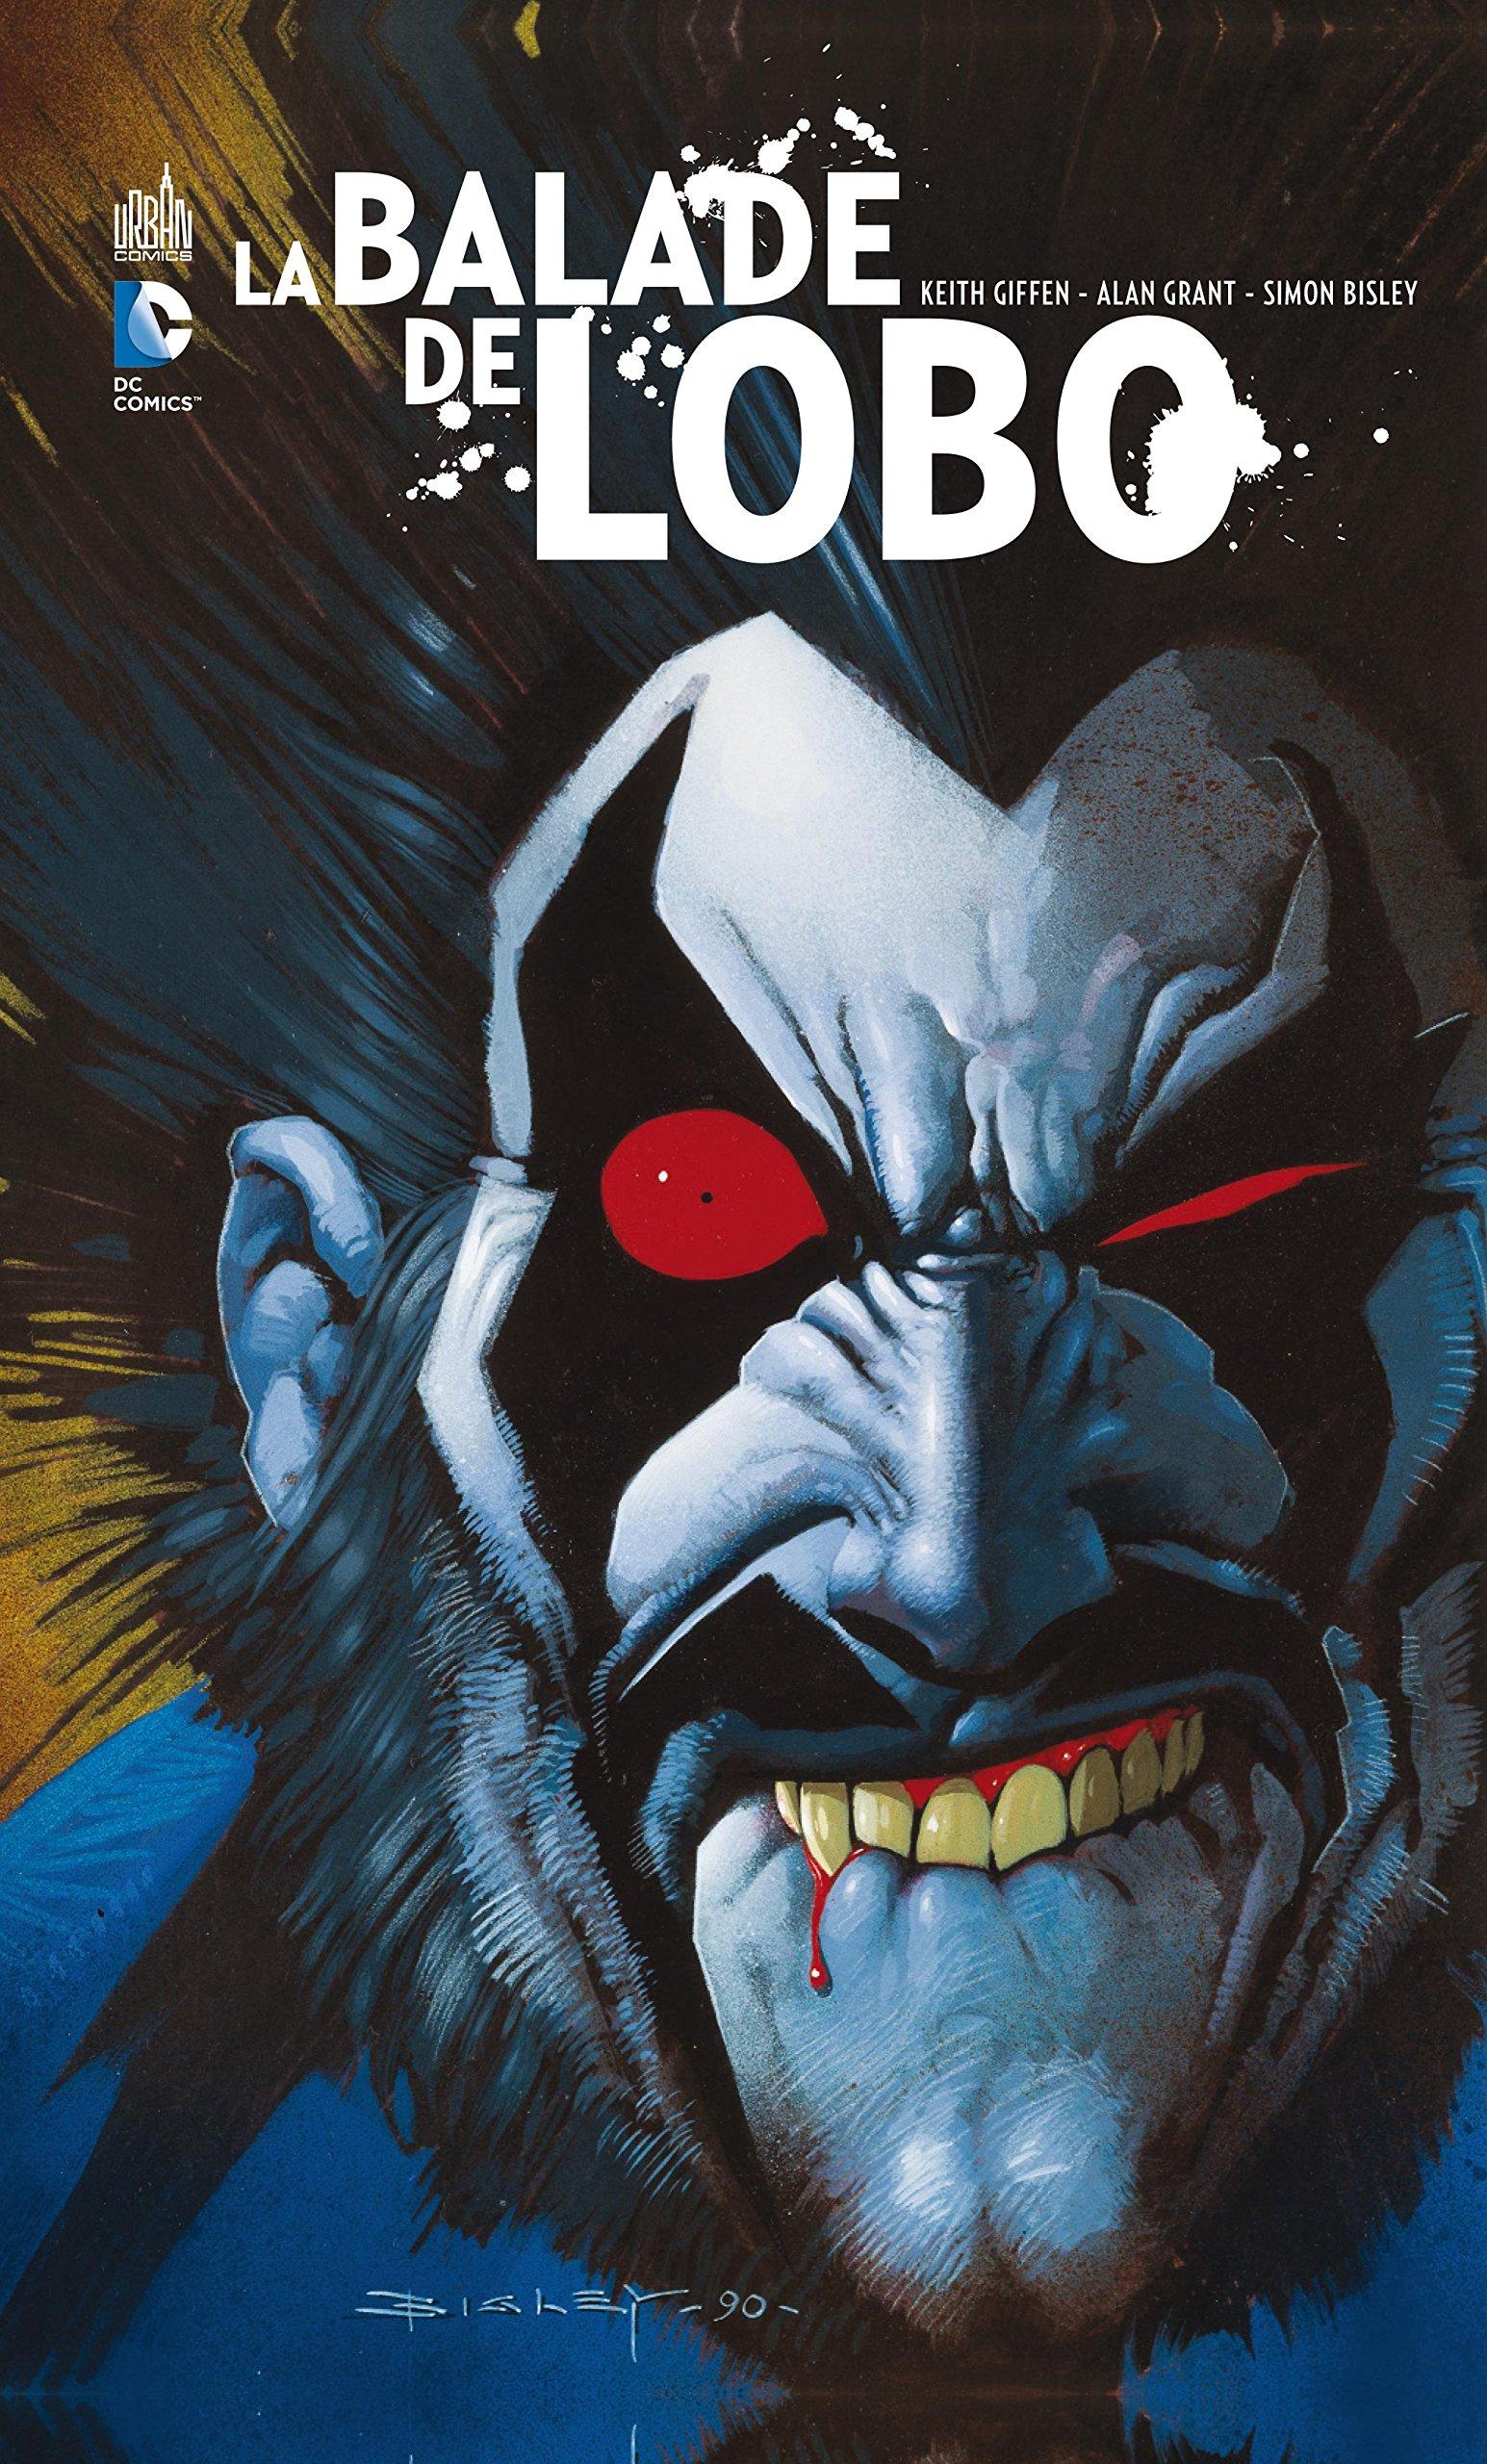 Balade de Lobo (La) Relié – 30 octobre 2014 GIFFEN Keith GRANT Alan BISLEY Simon Urban Comics